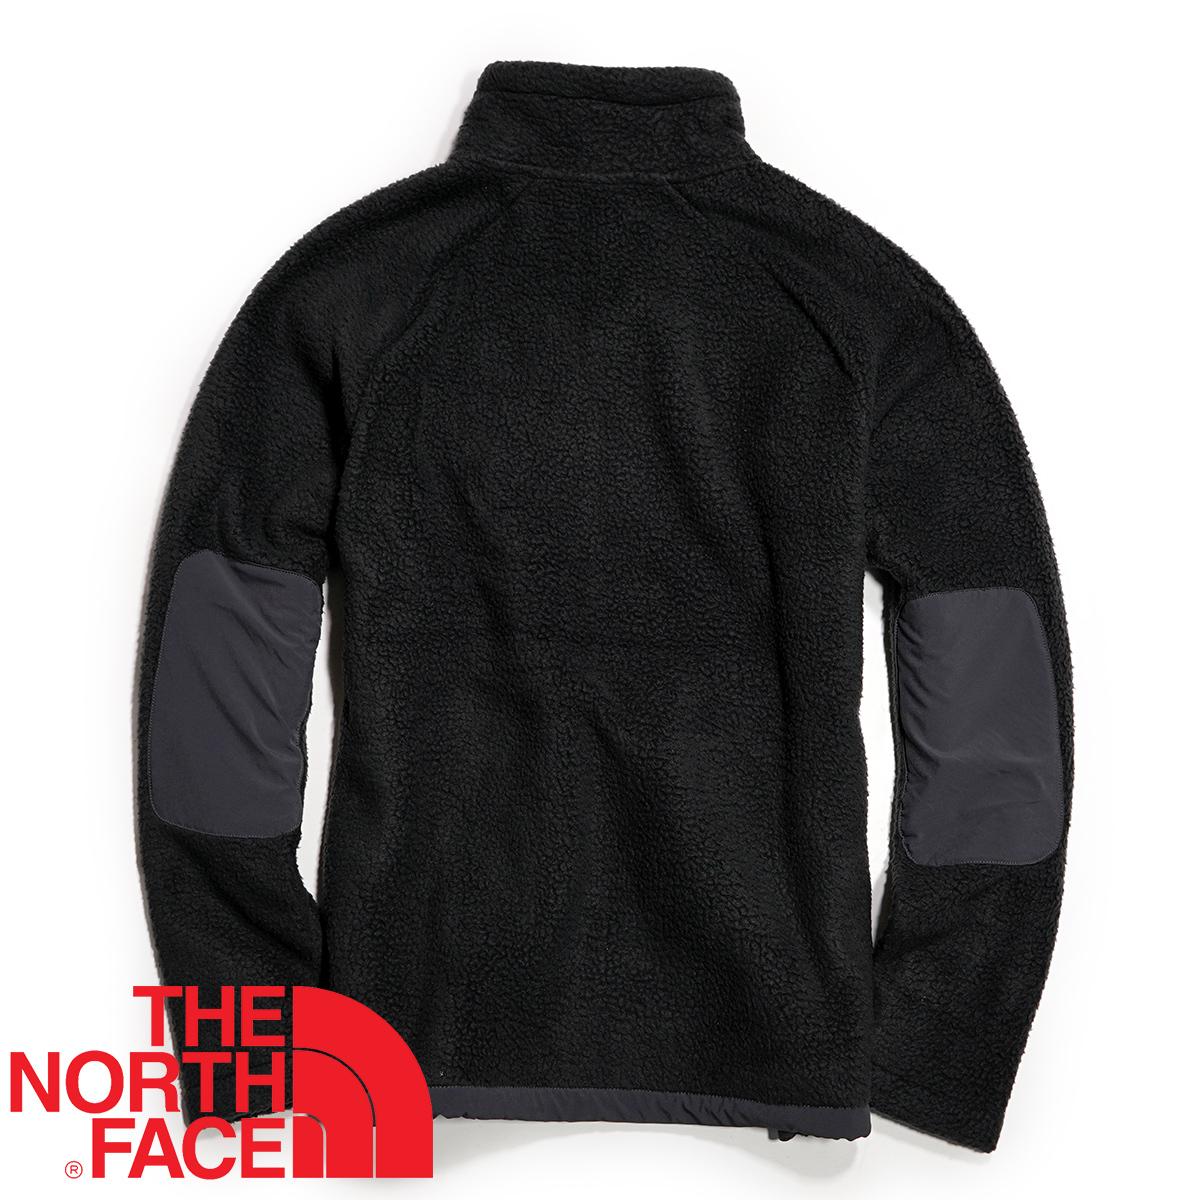 【新品本物 USA購入】THE NORTH FACE ノースフェイス ■ Cragmont Fleece ■ ブラック / L ■シェルパ フリースジャケット 海外限定_画像5